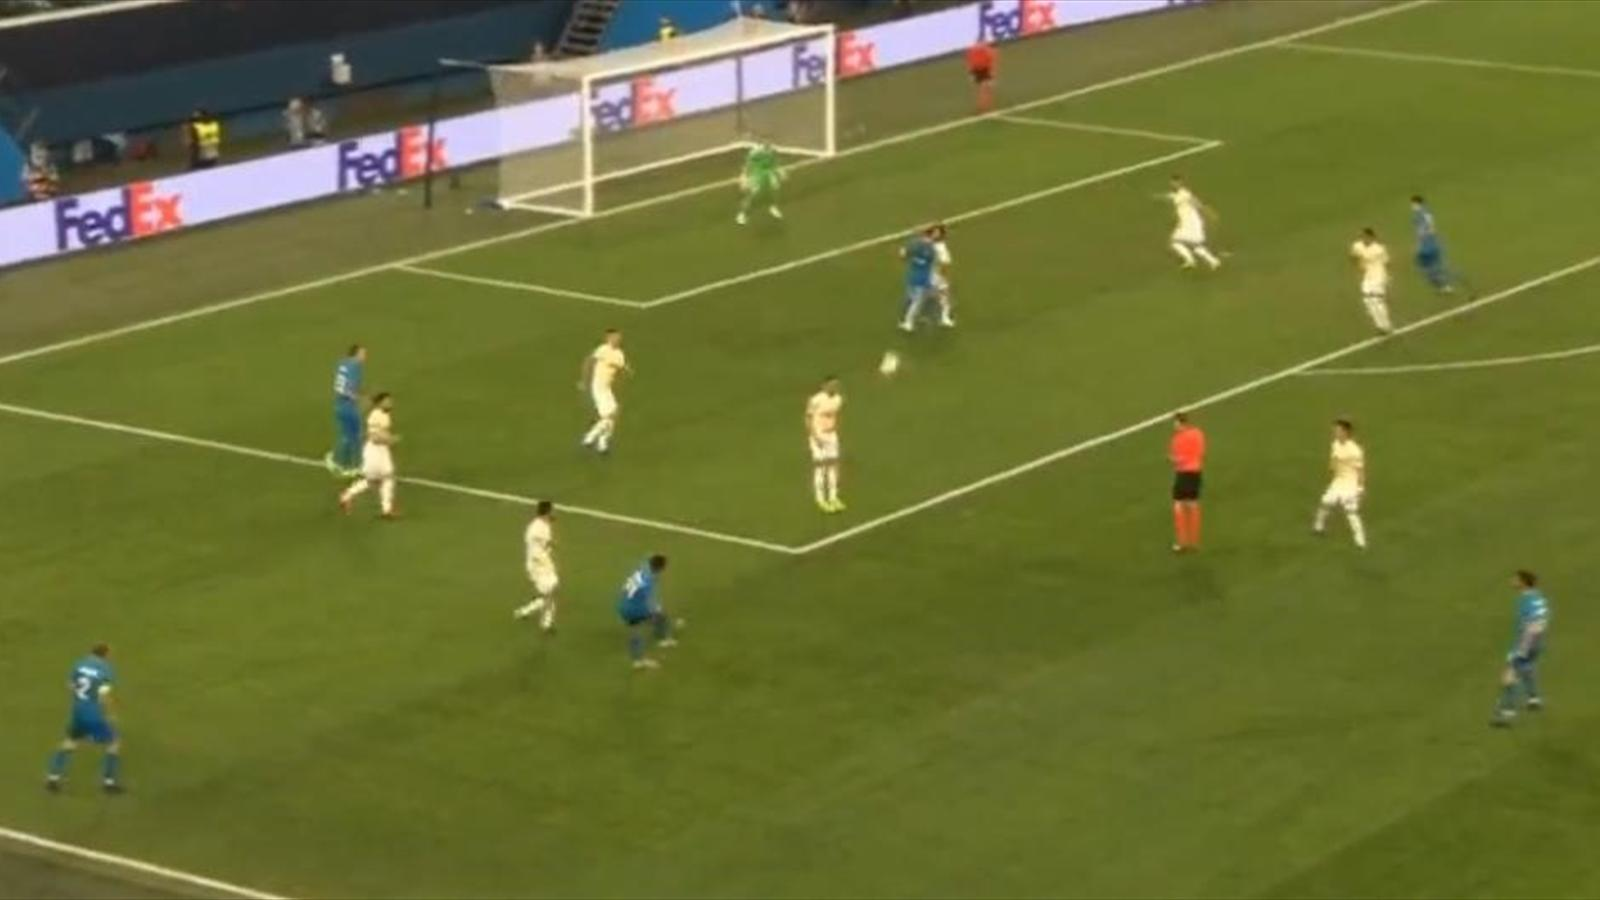 2 гола и ассист Сердара Азмуна, которые вывели «Зенит» в 1/8 Лиги Европы